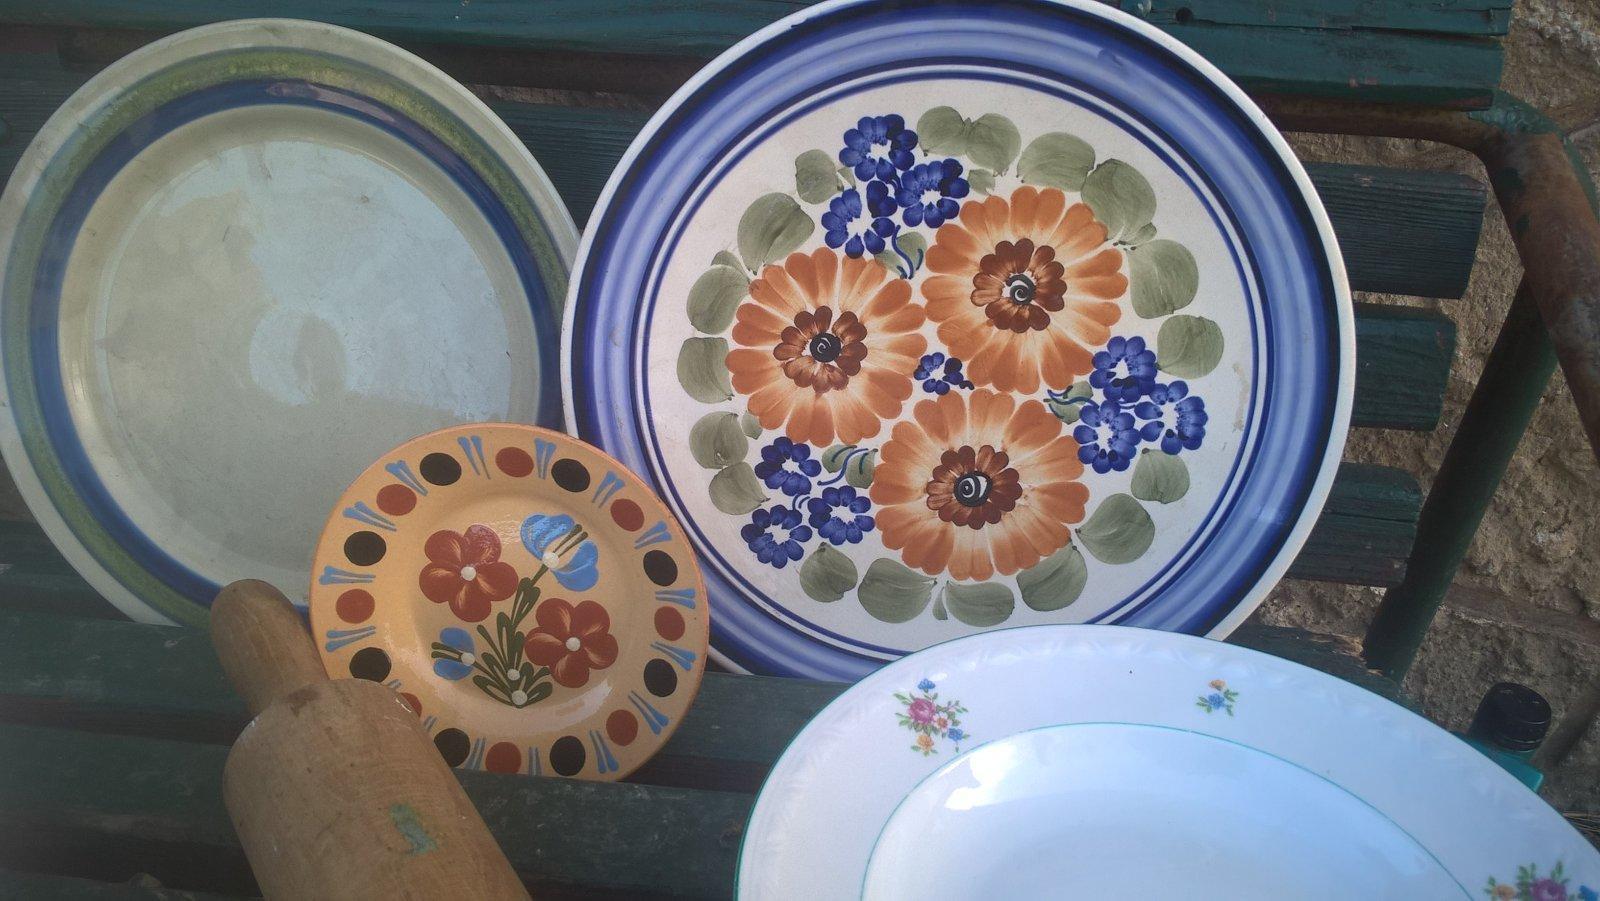 malovane taniere - Obrázok č. 1